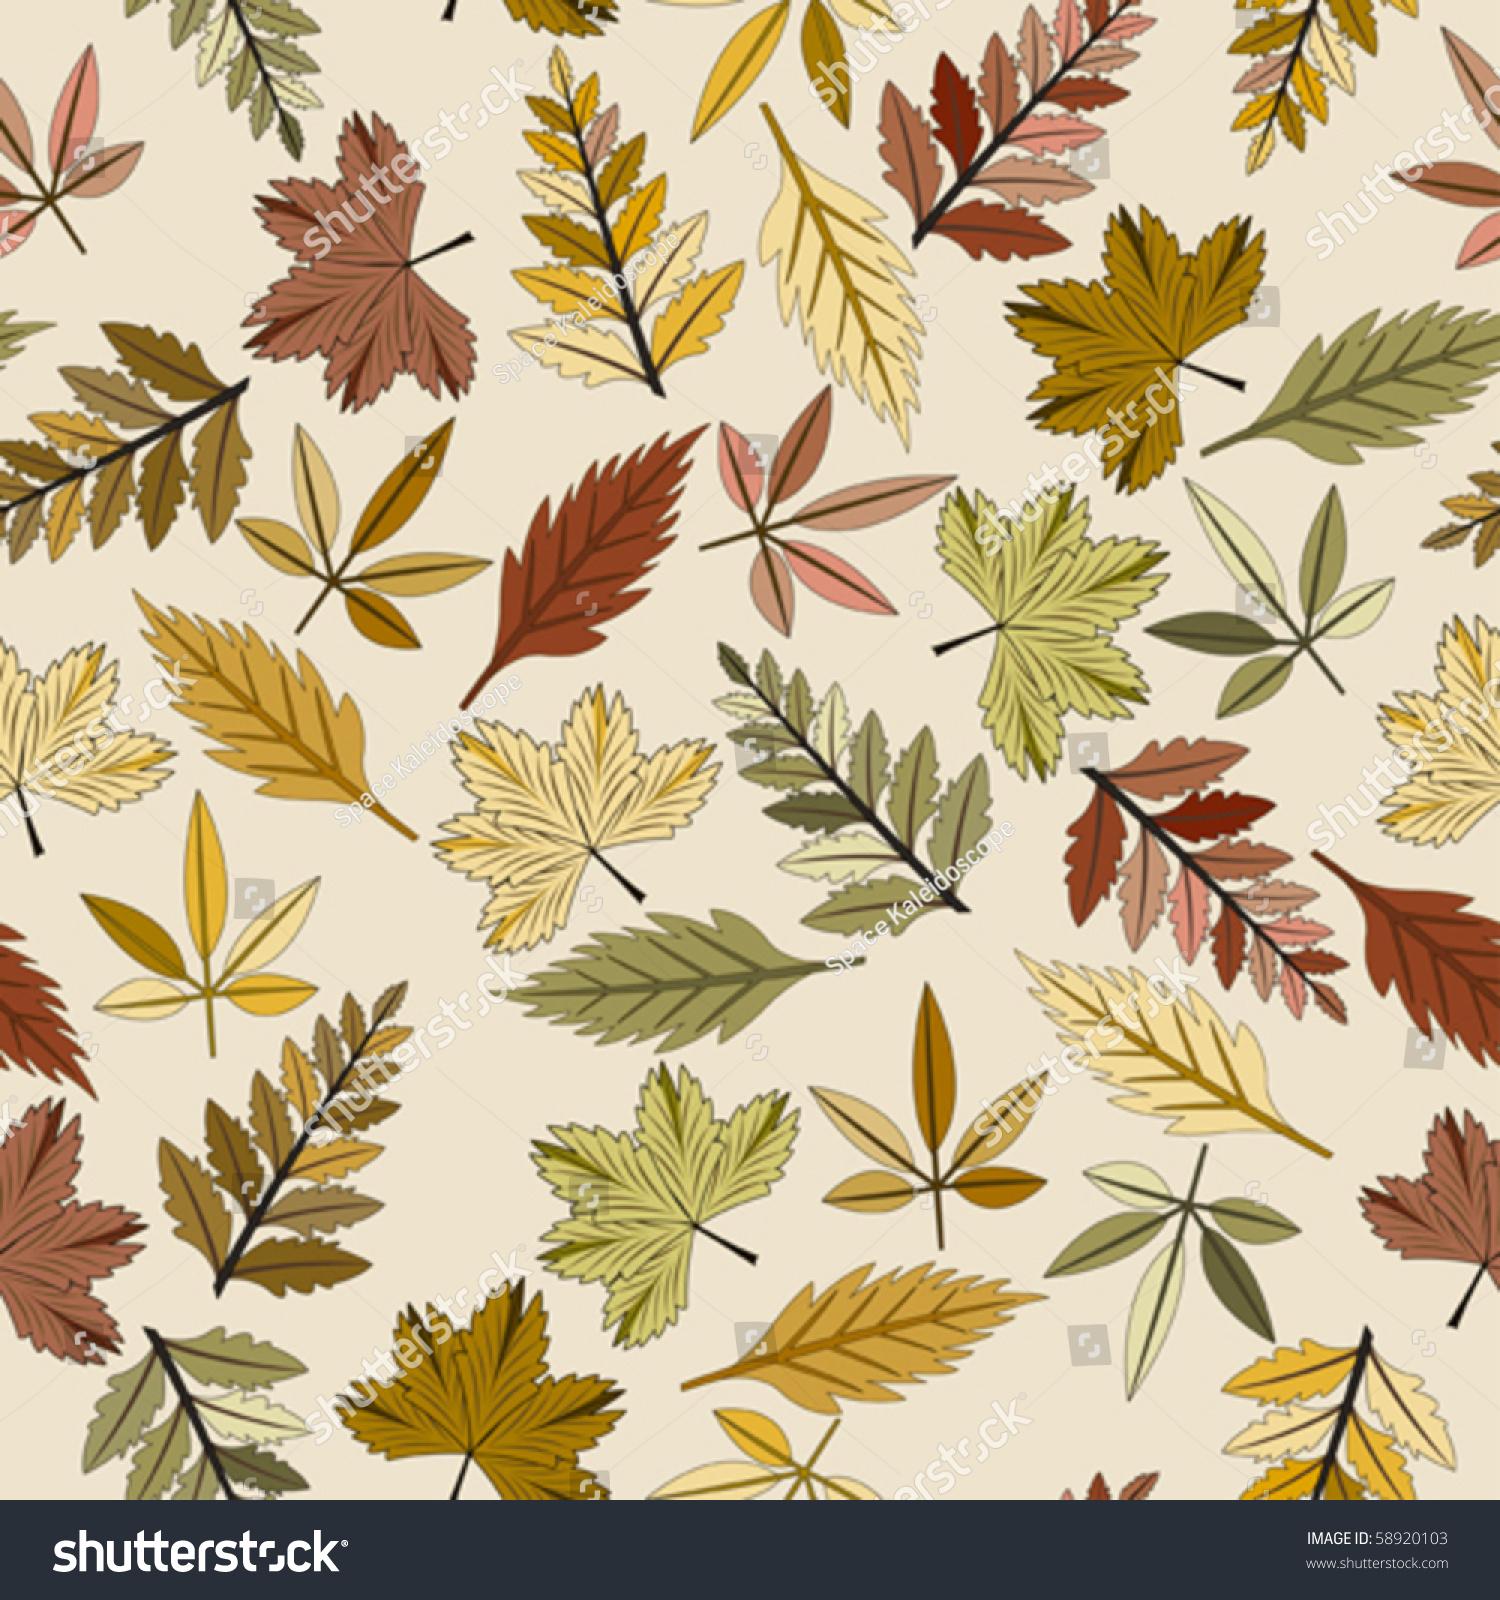 无缝秋叶模式-背景/素材,插图/剪贴图-海洛创意()-合.图片